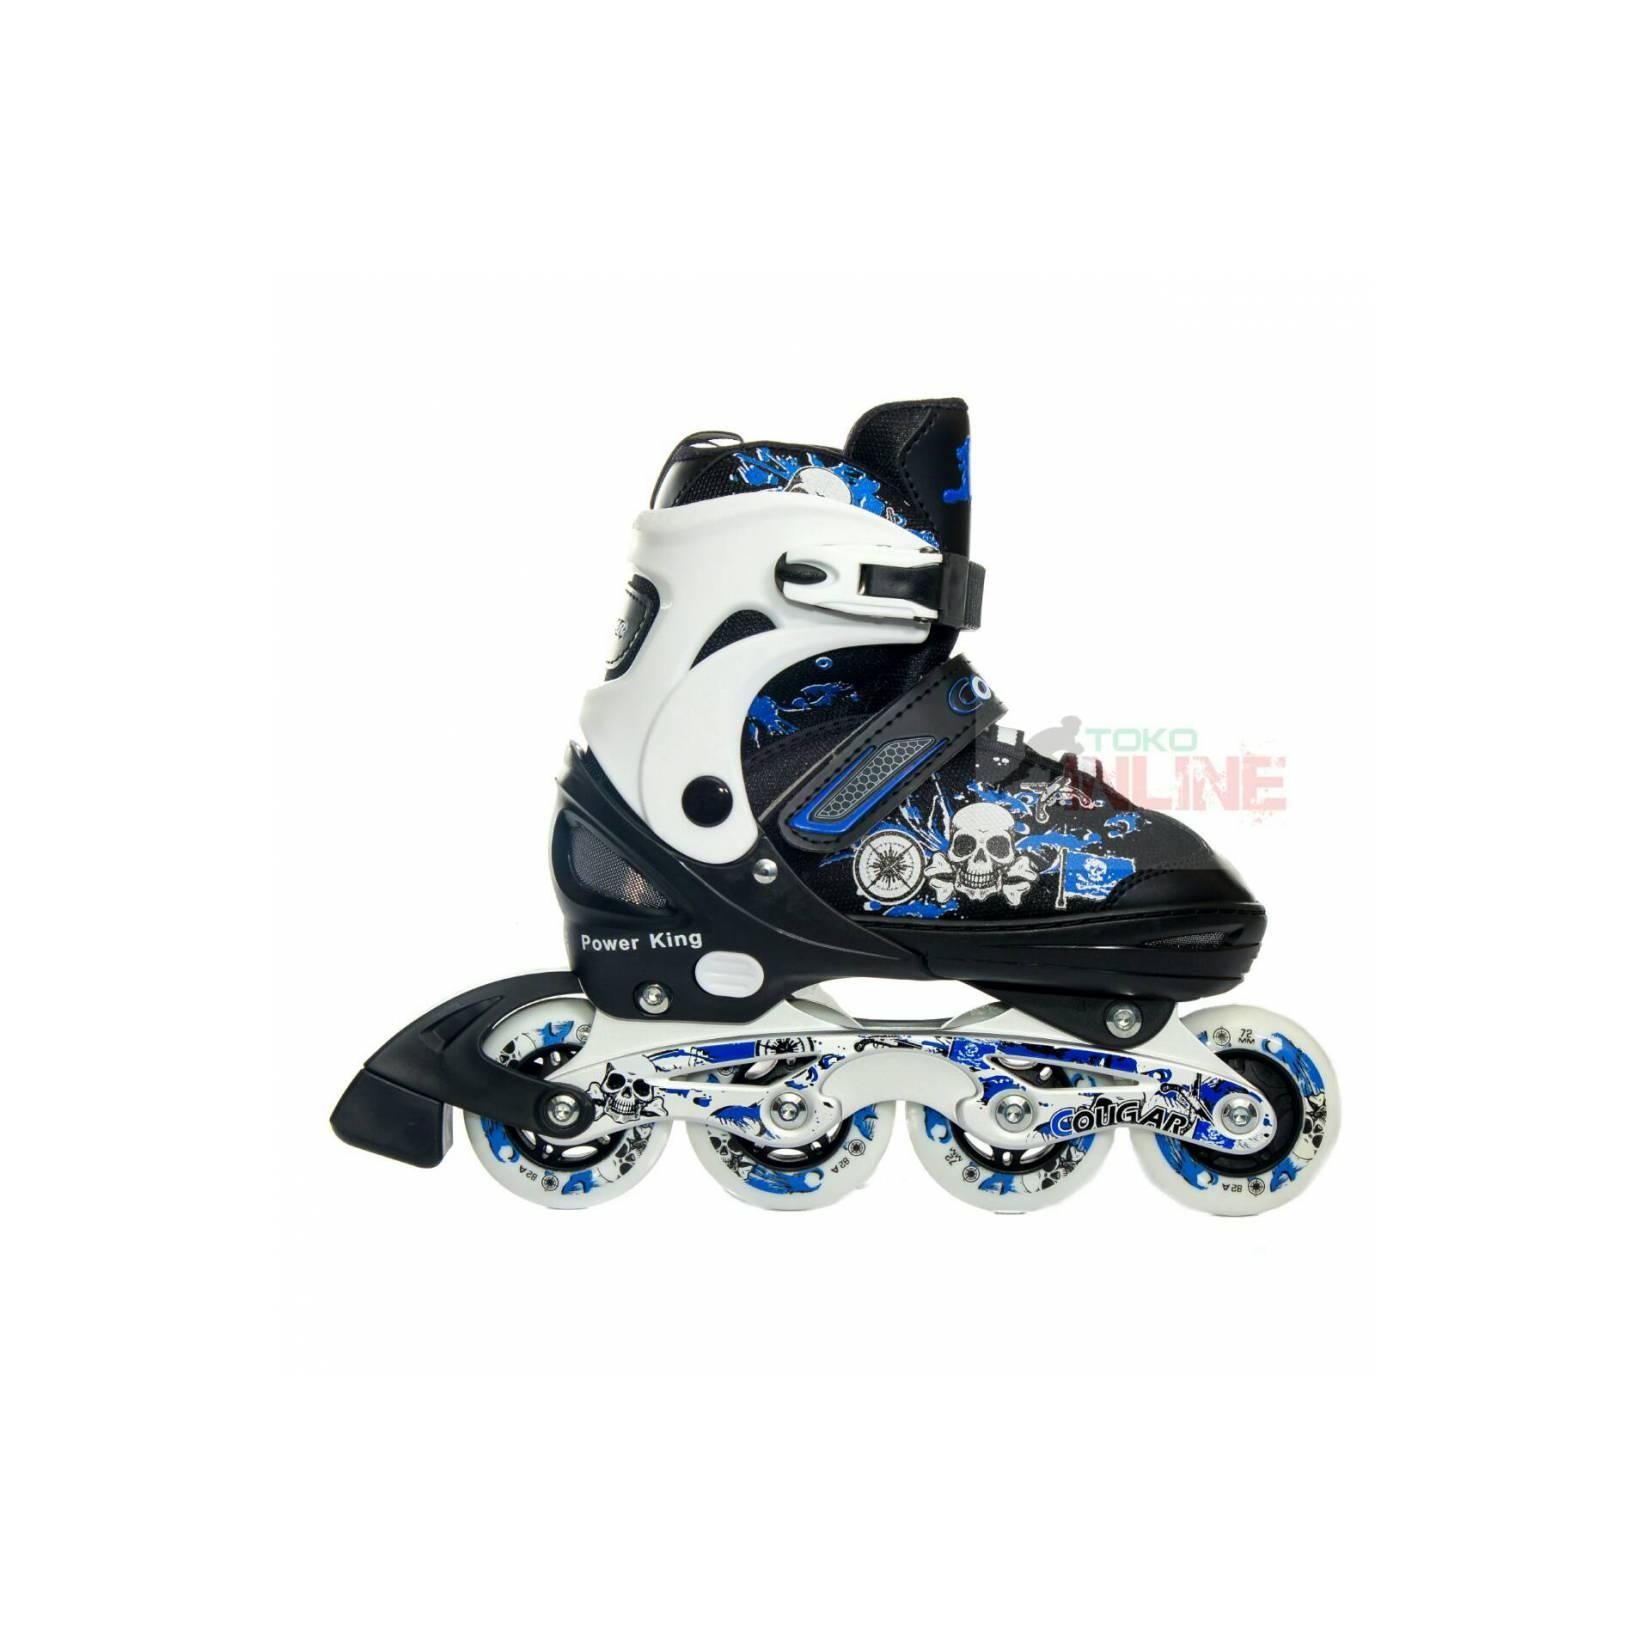 Cougar Sepatu Roda Ms835l Bkwh - Cek Harga Terkini dan Terlengkap ... 6c622bdcb2